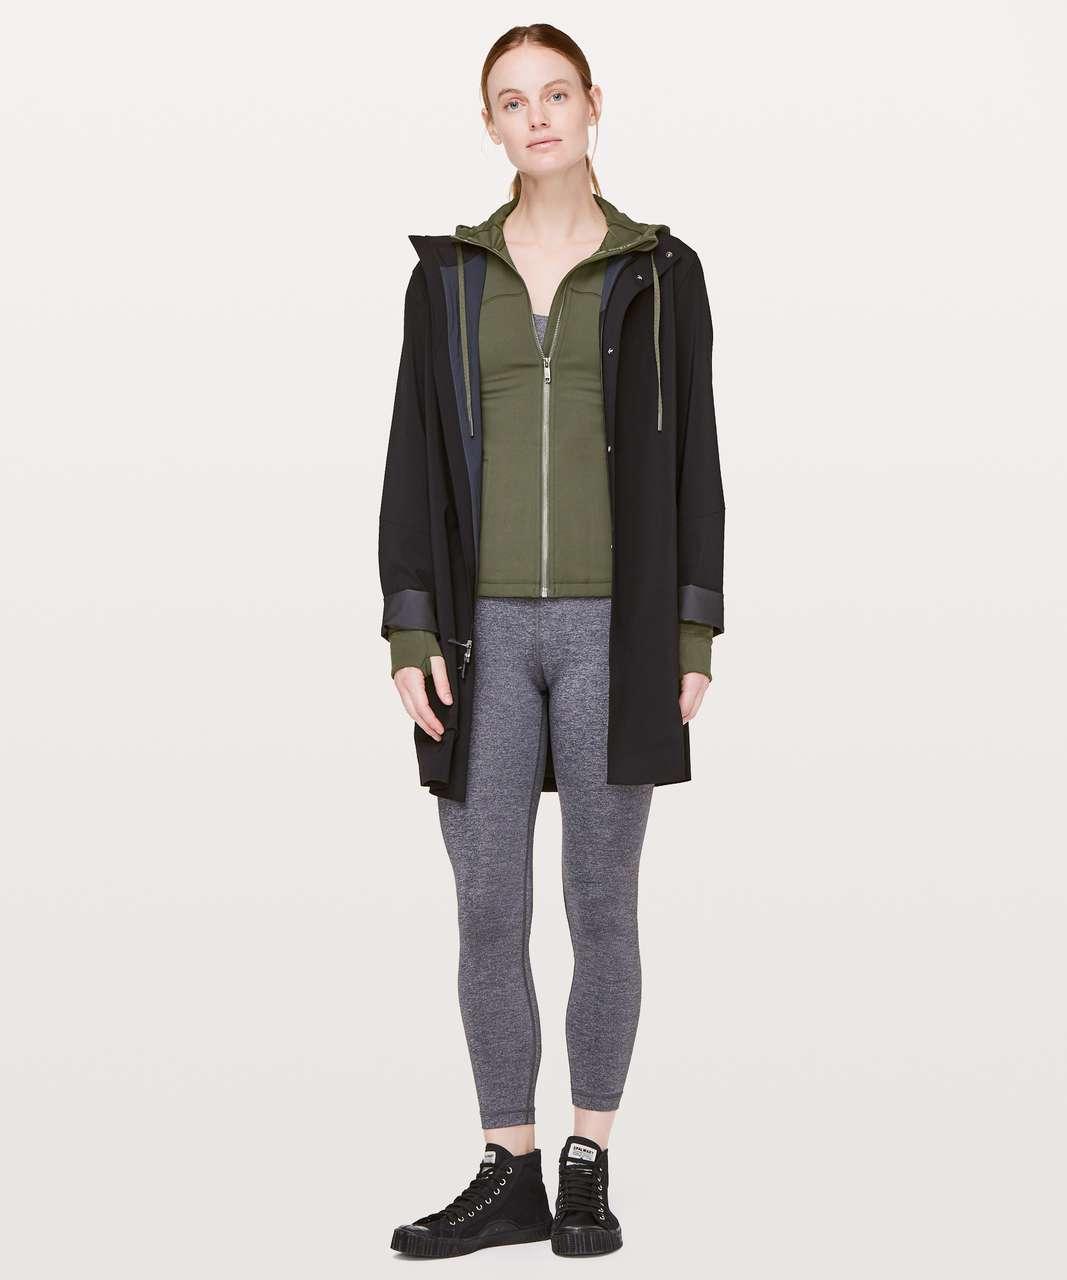 Lululemon Hooded Define Jacket *Nulu - Camo Green (First Release)